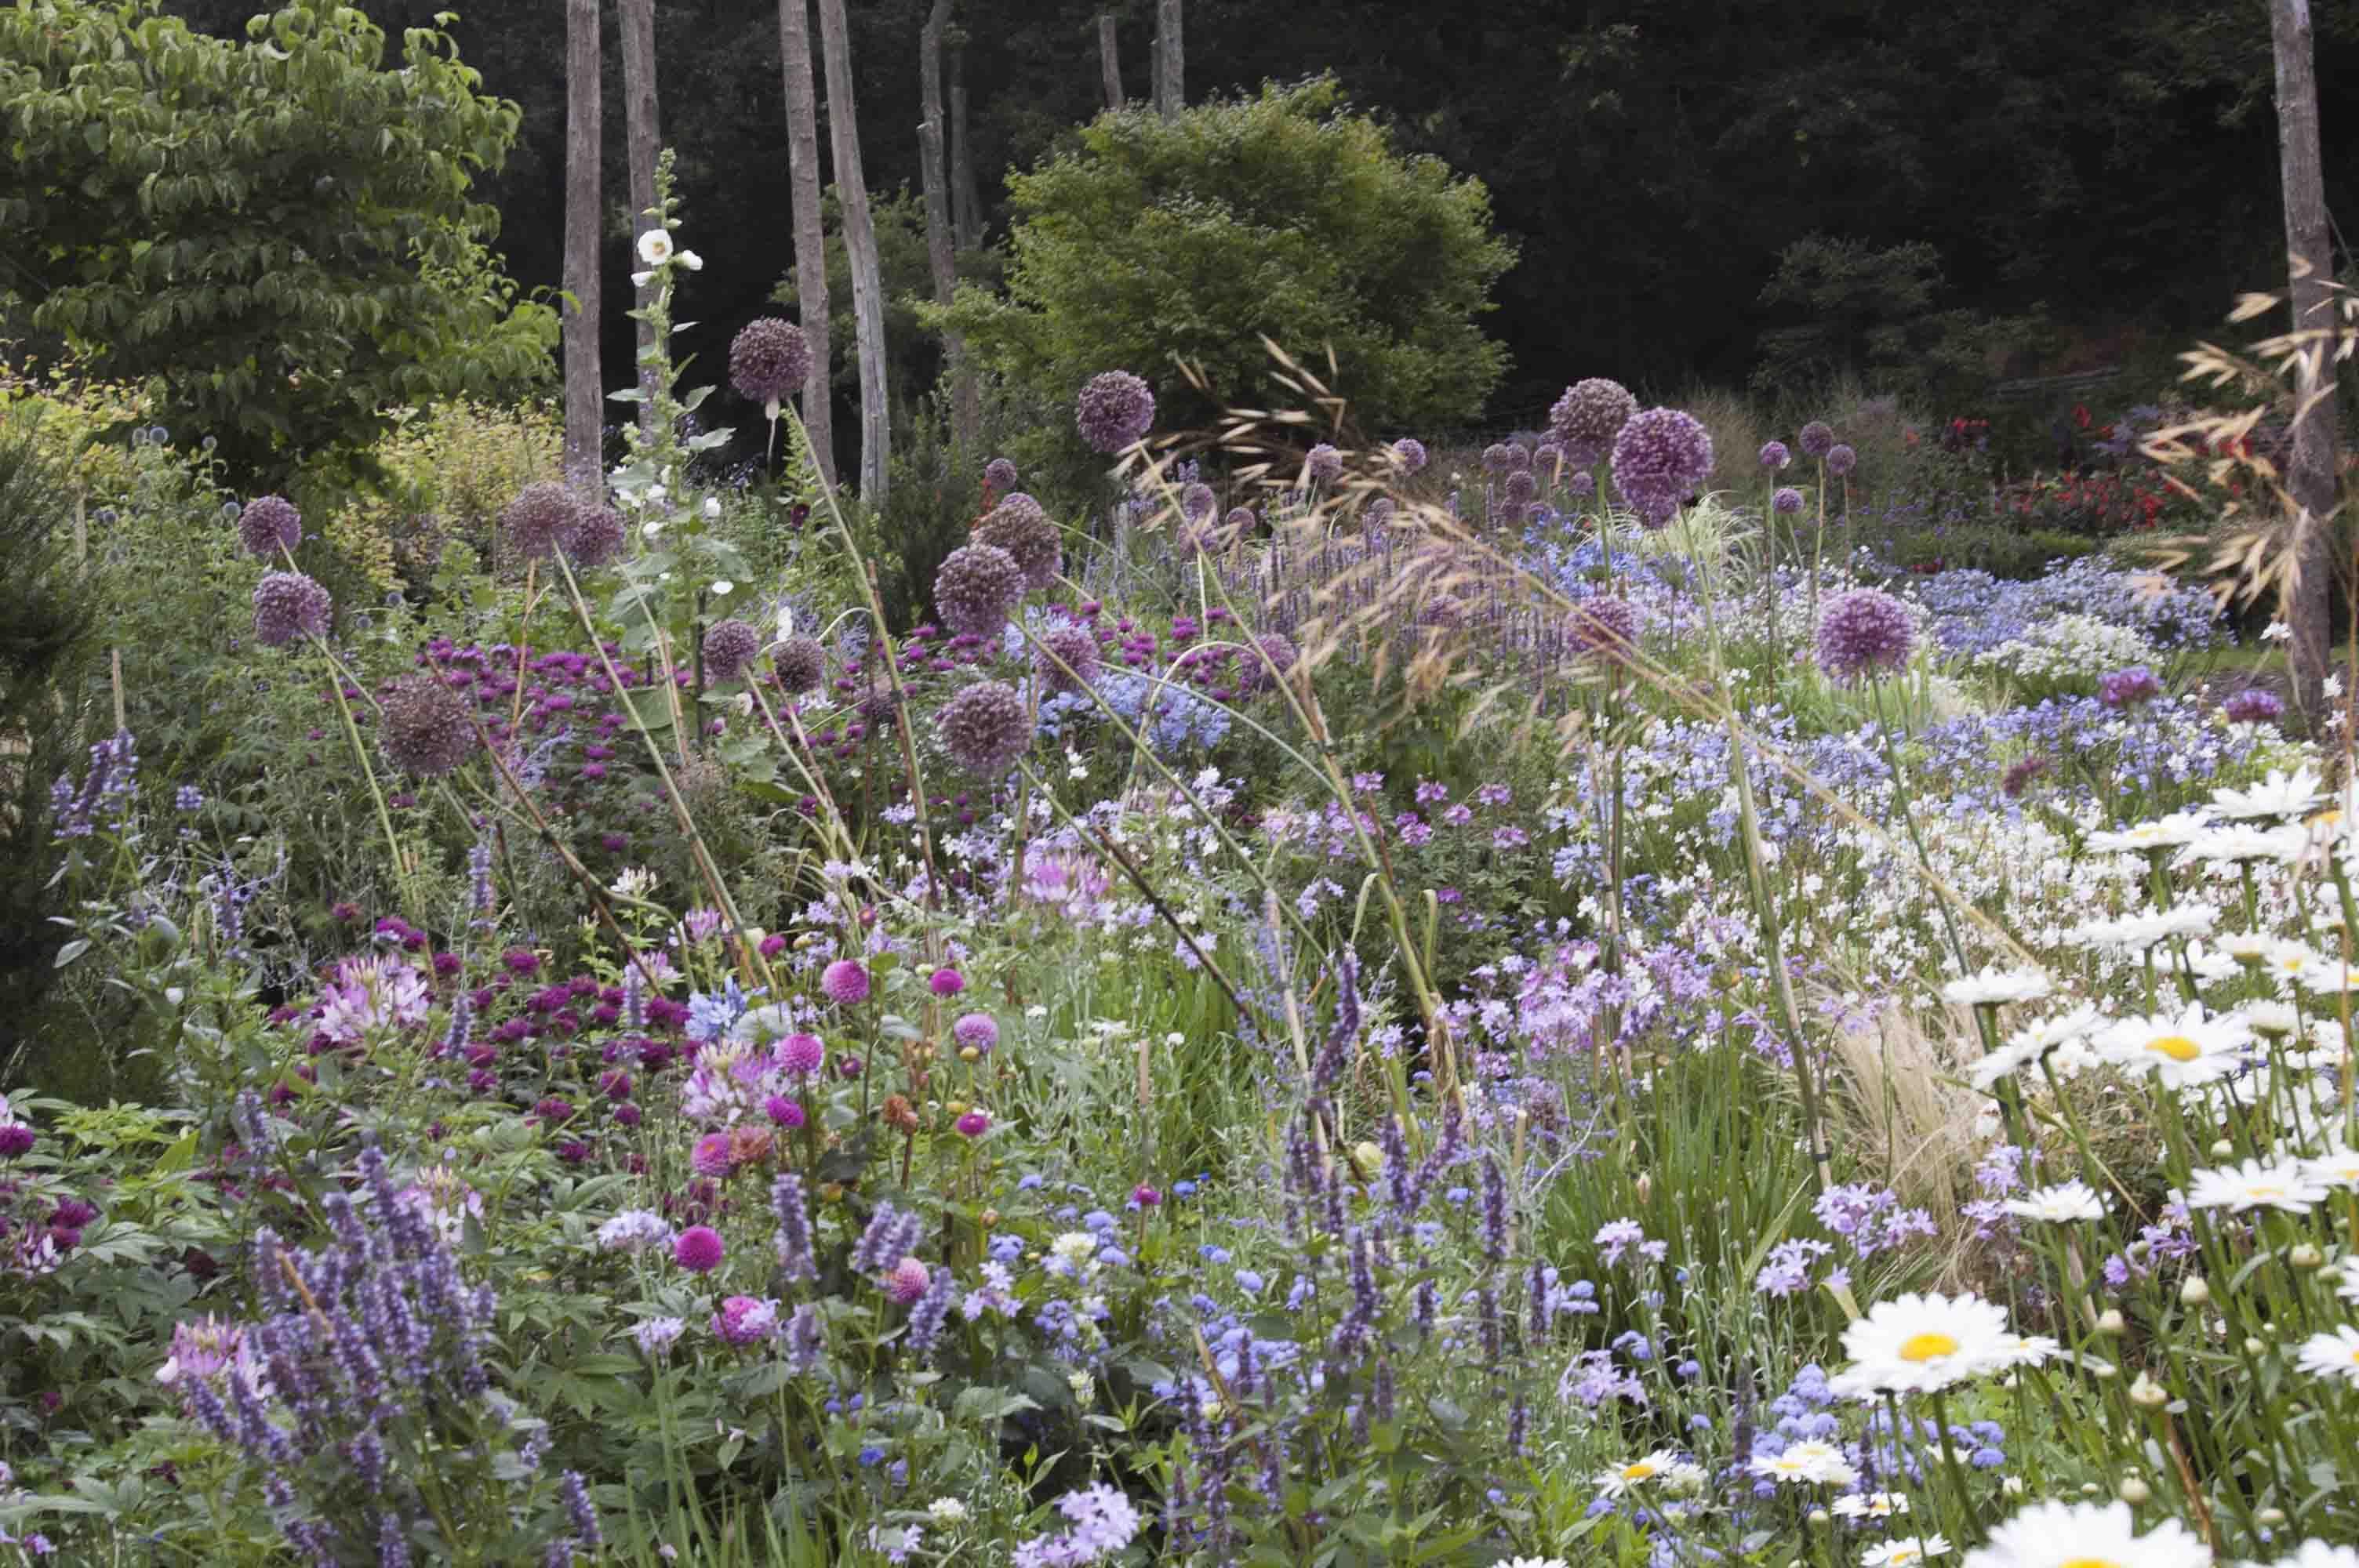 Floración de agapantos, margaritas, dalias, monardas y los ajos gigantes